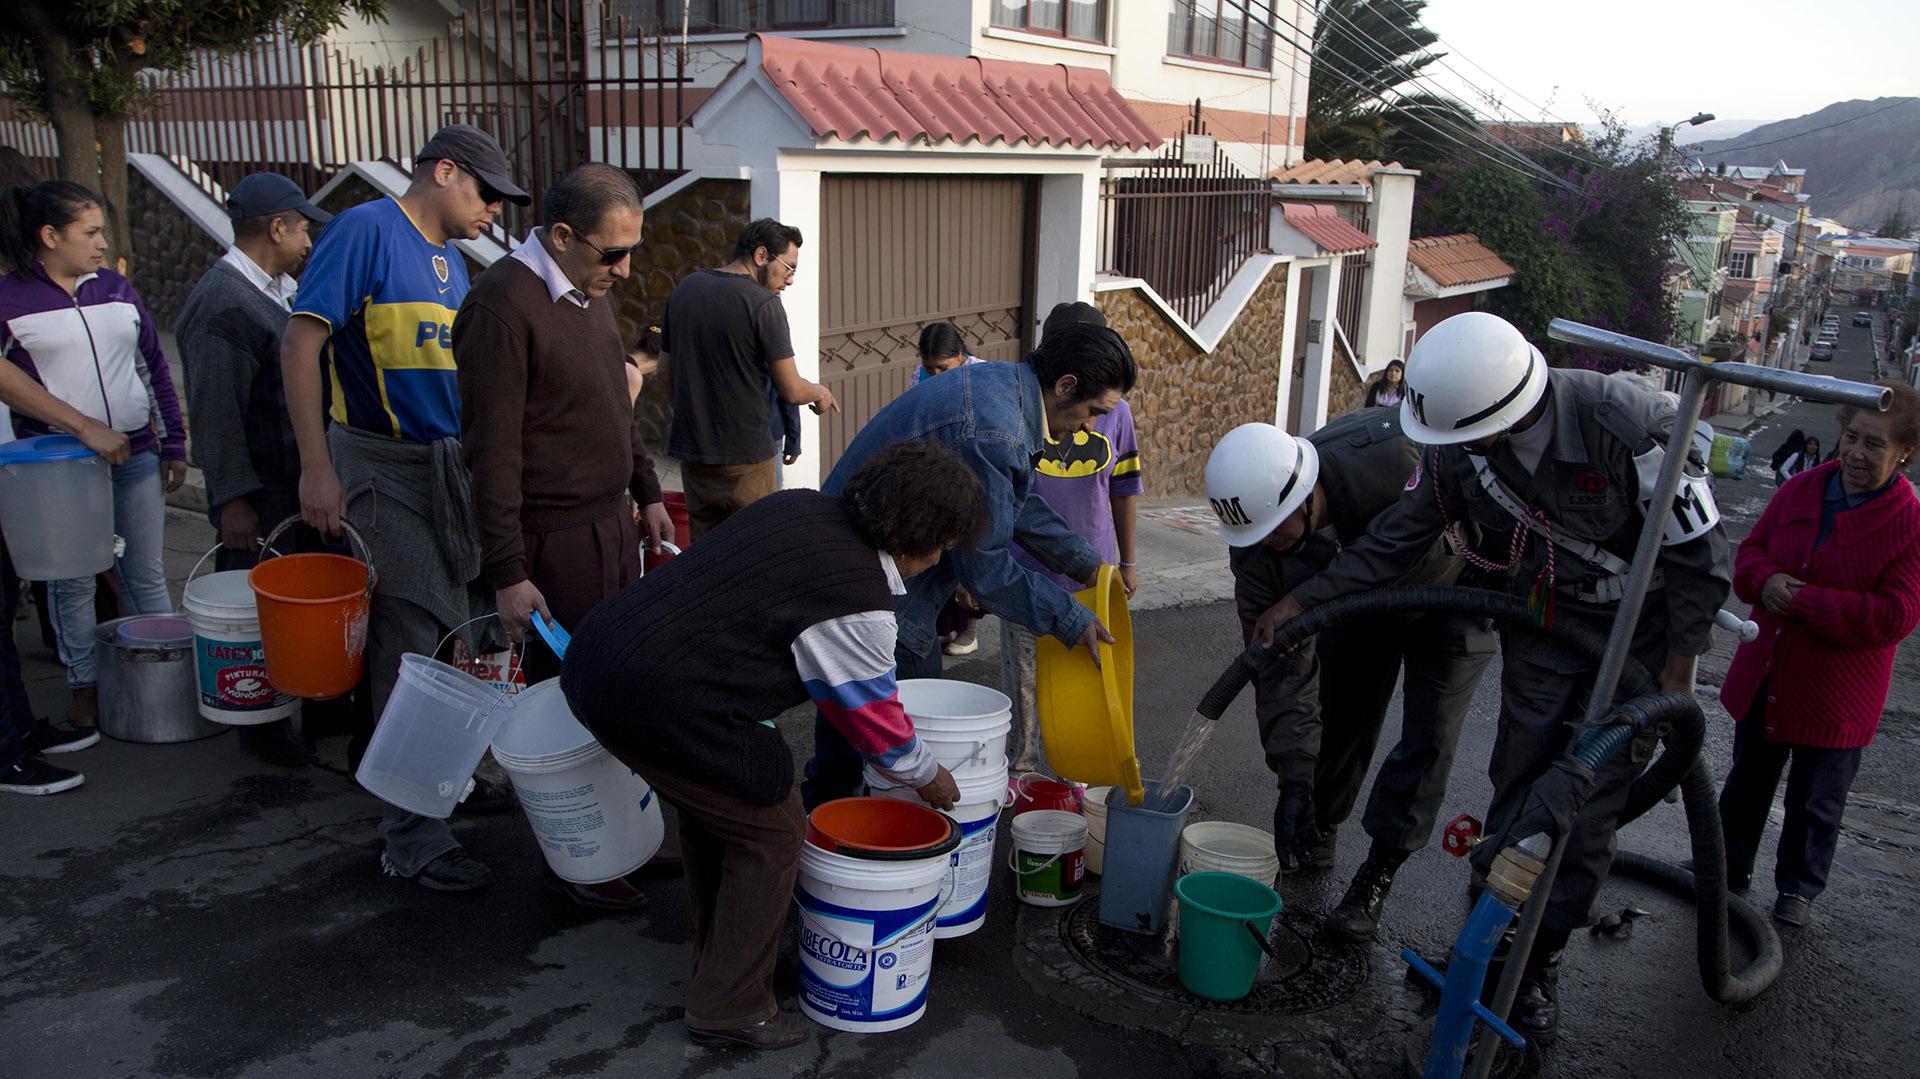 Militares estuvieron dando agua a muchos vecinos de La Paz (AP)